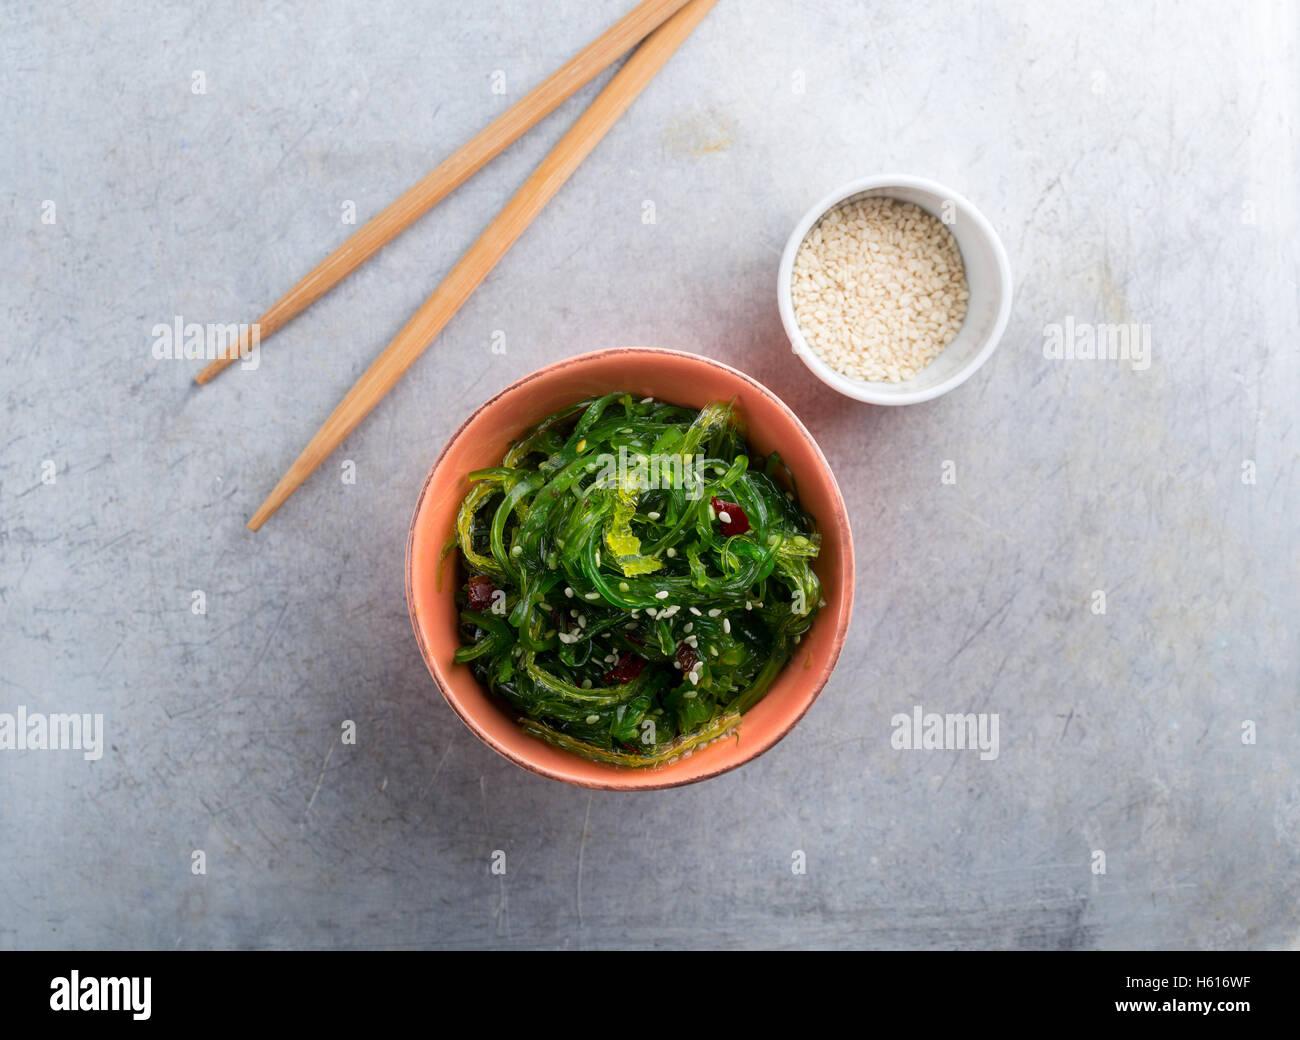 Wakame serviert mit Sesam von oben geschossen Stockbild